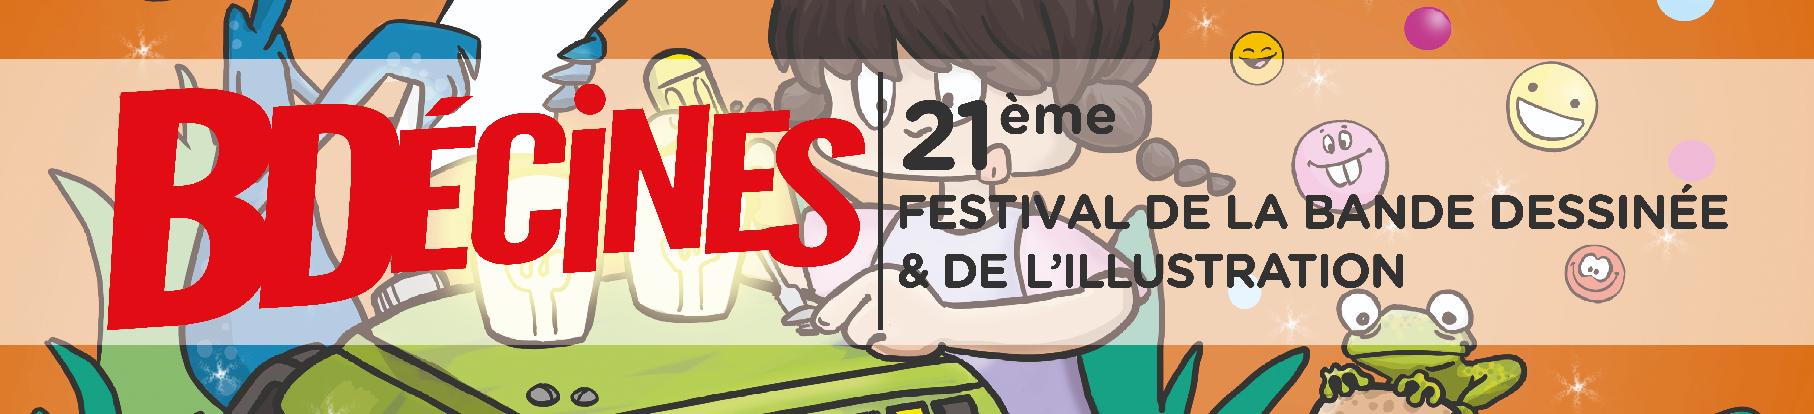 Le Festival BDécines